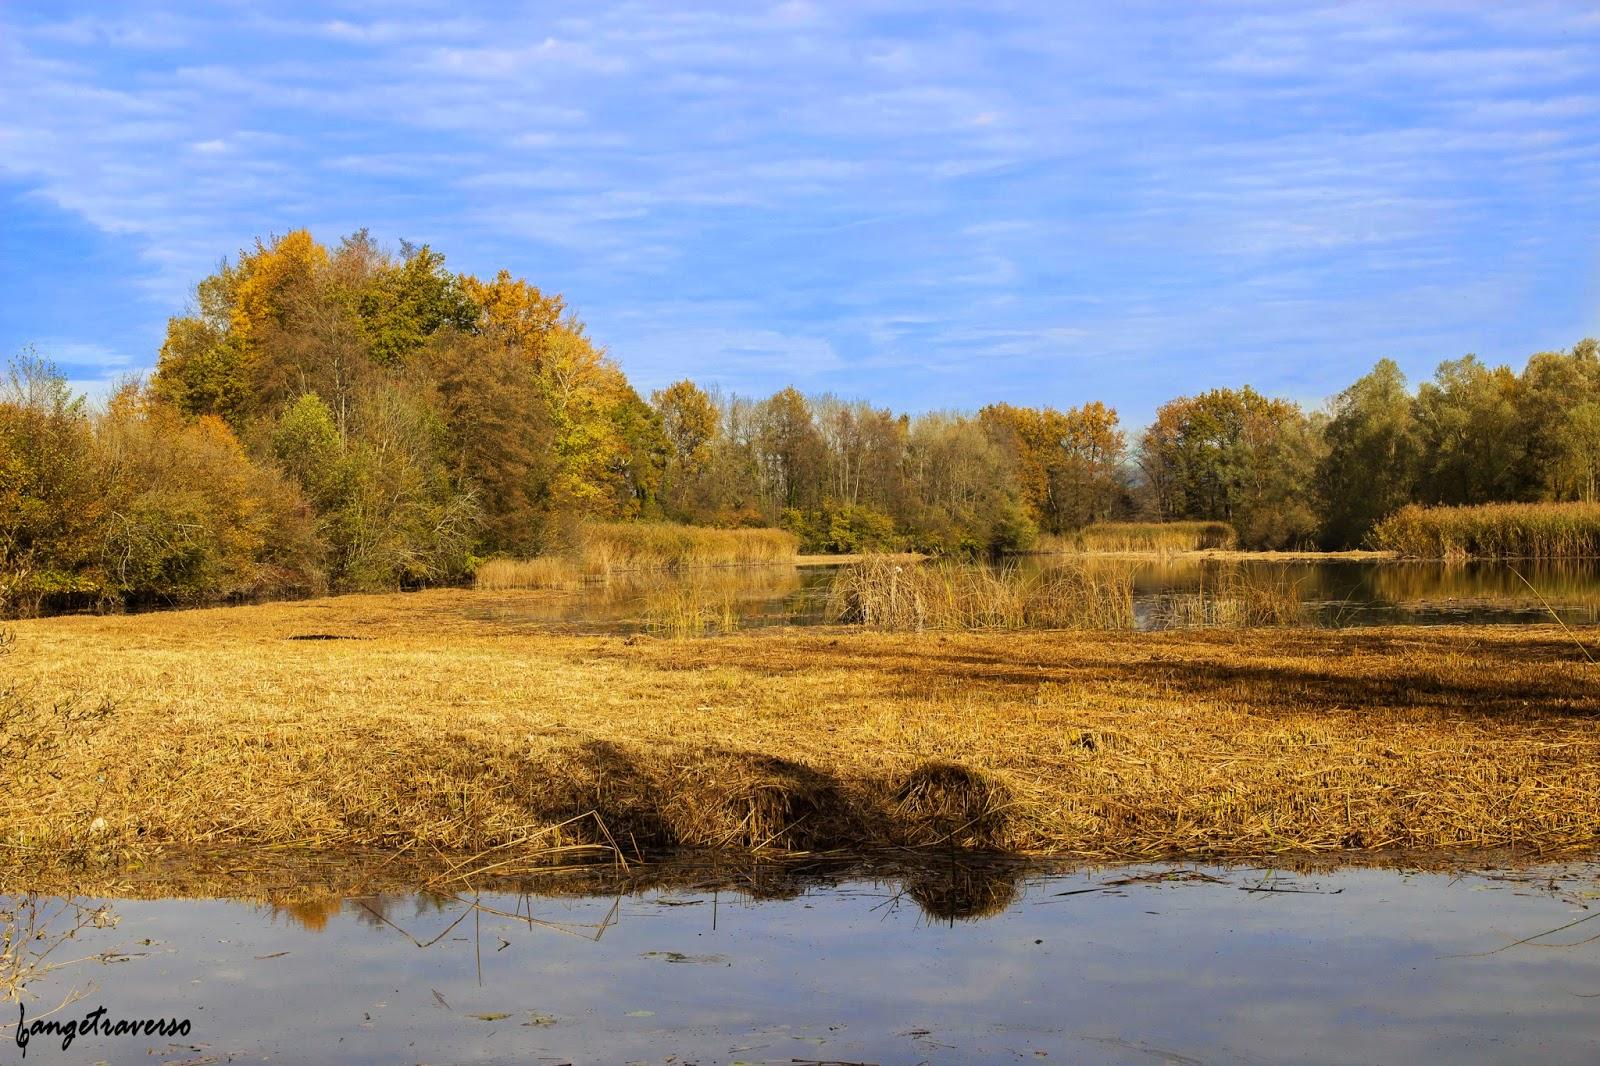 Couleurs automnales depuis l'étang de Crosagny, Savoie, France